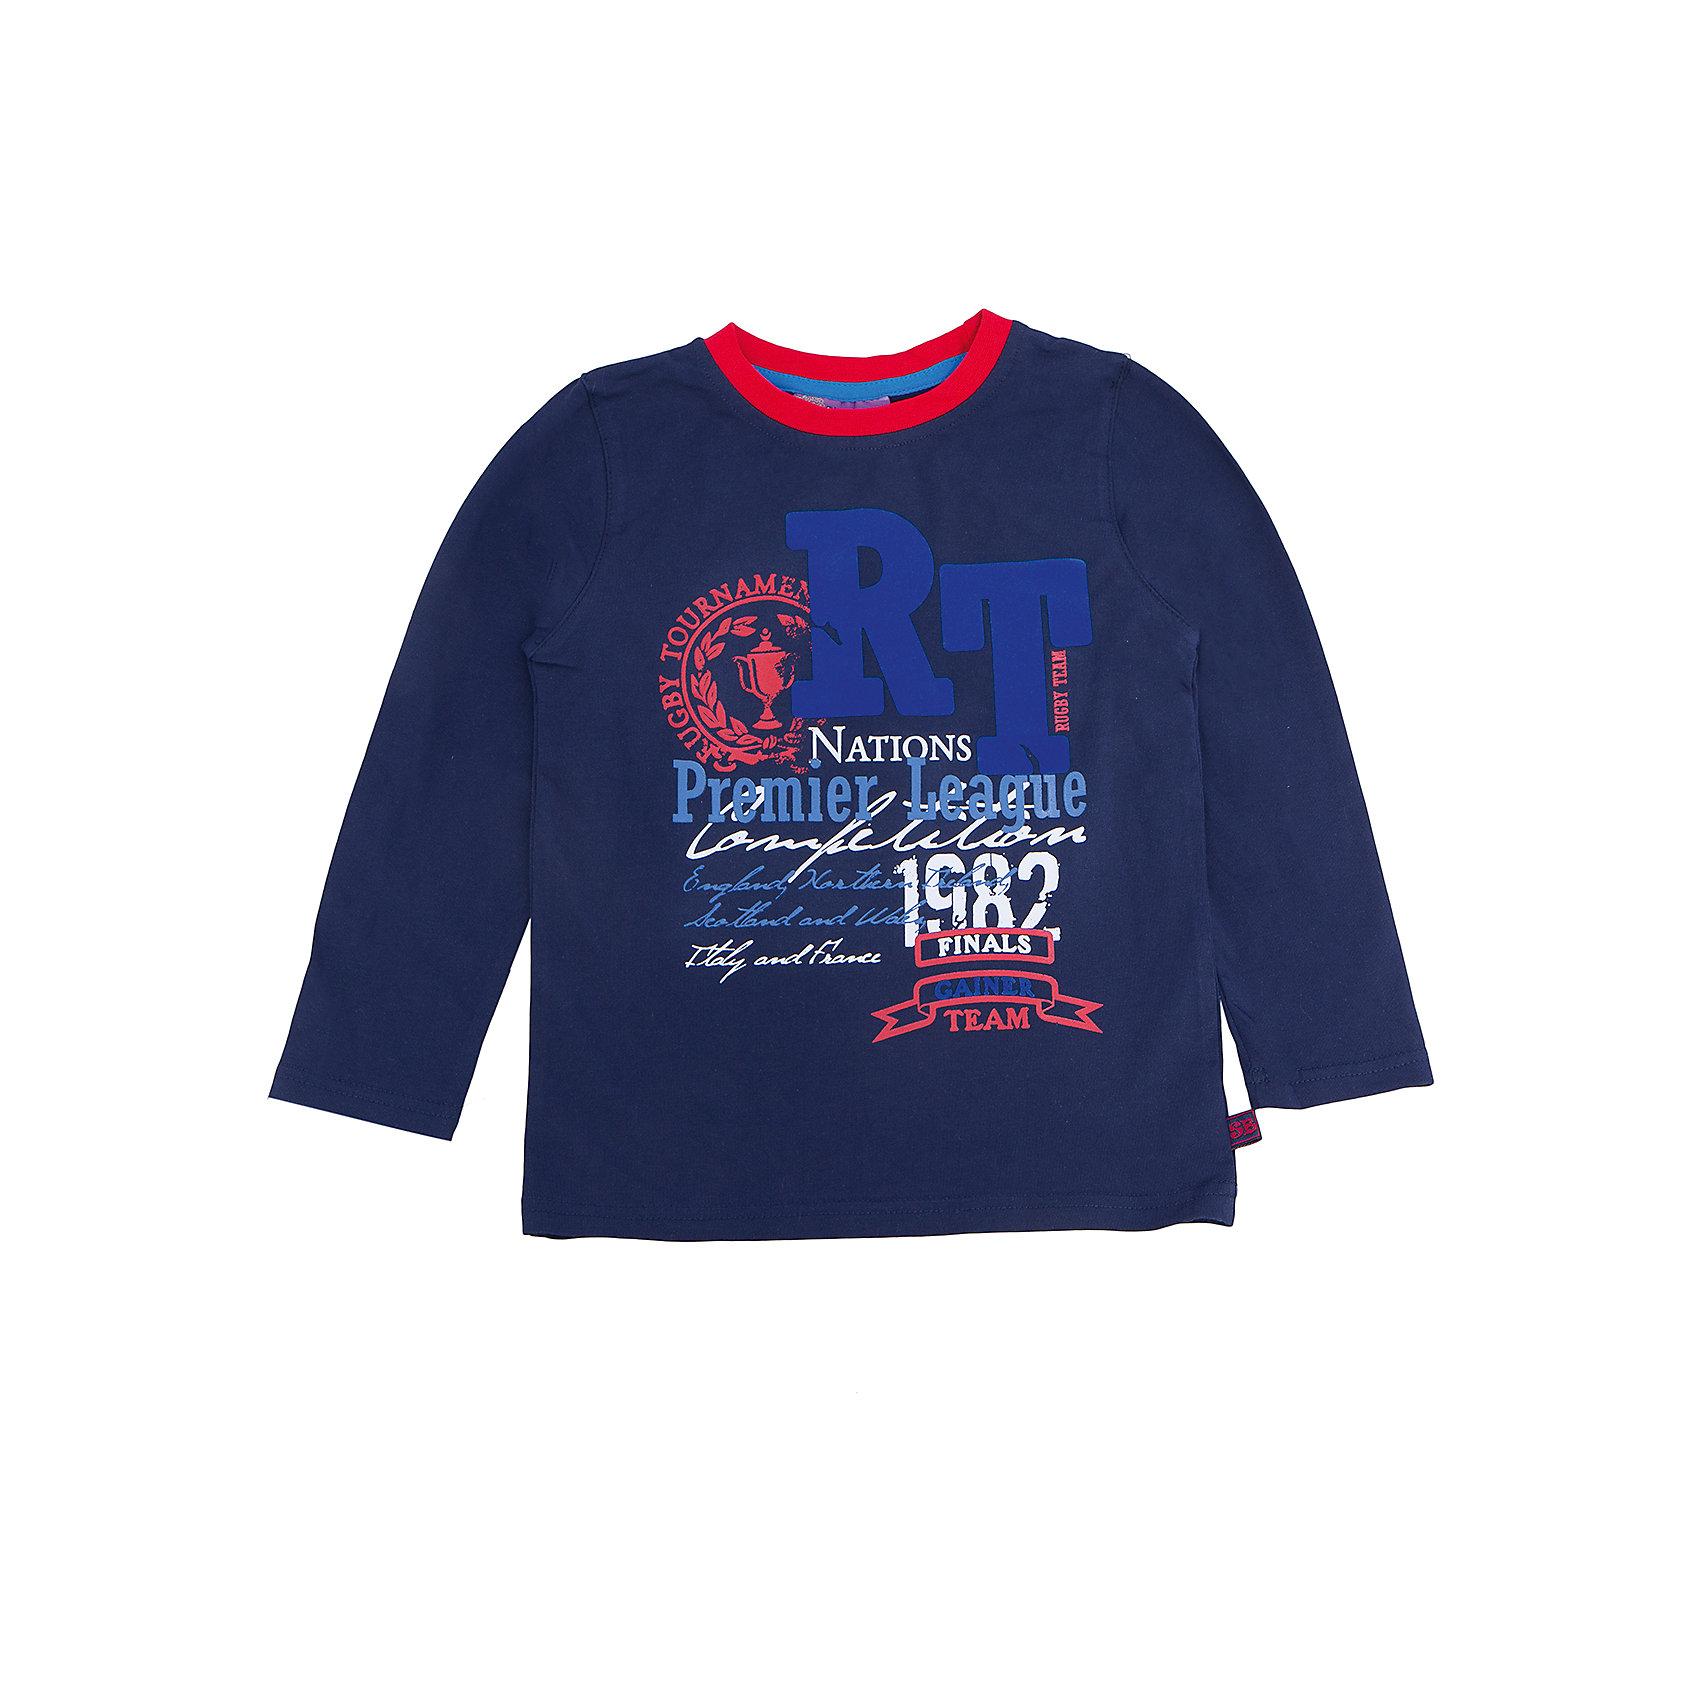 Футболка с длинным рукавом для мальчика Sweet BerryТакая футболка с длинным рукавом для мальчика отличается модным дизайном с ярким принтом. Удачный крой обеспечит ребенку комфорт и тепло. Горловина изделия обработана мягкой резинкой, поэтому вещь плотно прилегает к телу там, где нужно, и отлично сидит по фигуре.<br>Одежда от бренда Sweet Berry - это простой и выгодный способ одеть ребенка удобно и стильно. Всё изделия тщательно проработаны: швы - прочные, материал - качественный, фурнитура - подобранная специально для детей. <br><br>Дополнительная информация:<br><br>цвет: синий;<br>материал: 95% хлопок, 5% эластан;<br>декорирована принтом.<br><br>Футболку с длинным рукавом для мальчика от бренда Sweet Berry можно купить в нашем интернет-магазине.<br><br>Ширина мм: 230<br>Глубина мм: 40<br>Высота мм: 220<br>Вес г: 250<br>Цвет: синий<br>Возраст от месяцев: 36<br>Возраст до месяцев: 48<br>Пол: Мужской<br>Возраст: Детский<br>Размер: 104,98,128,122,116,110<br>SKU: 4930599